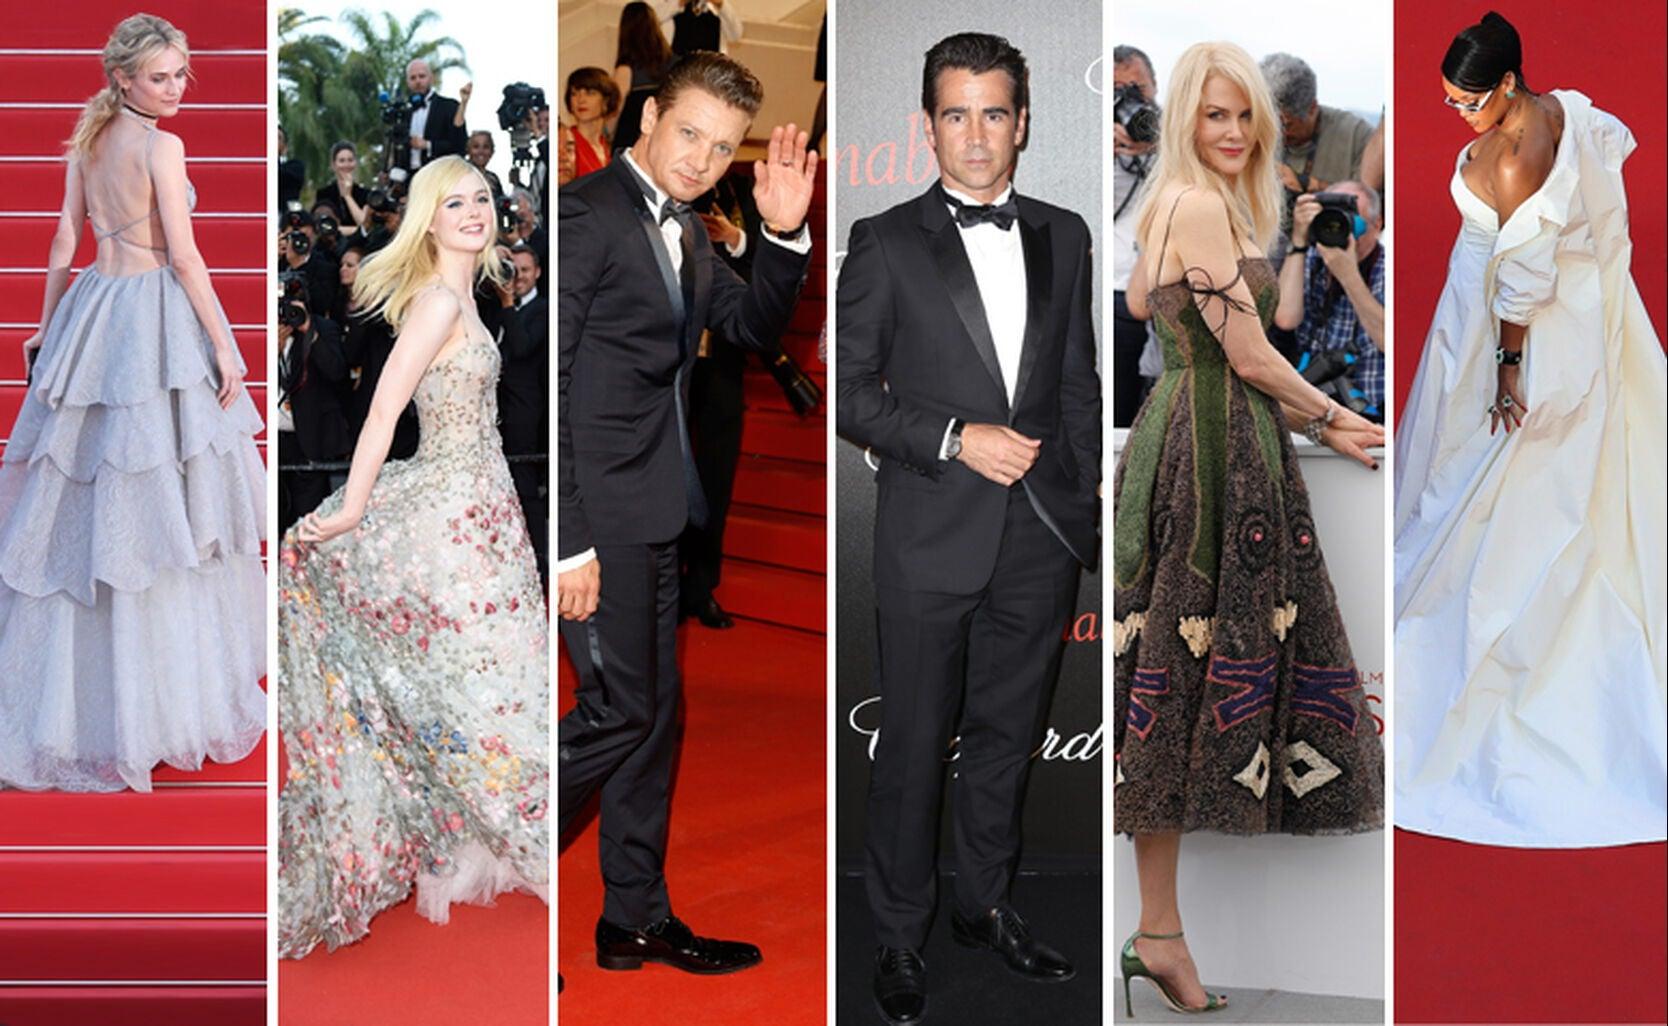 Diane Kruger, Elle Fanning, Jeremy Renner, Colin Farrell, Nicole Kidman and Rihanna